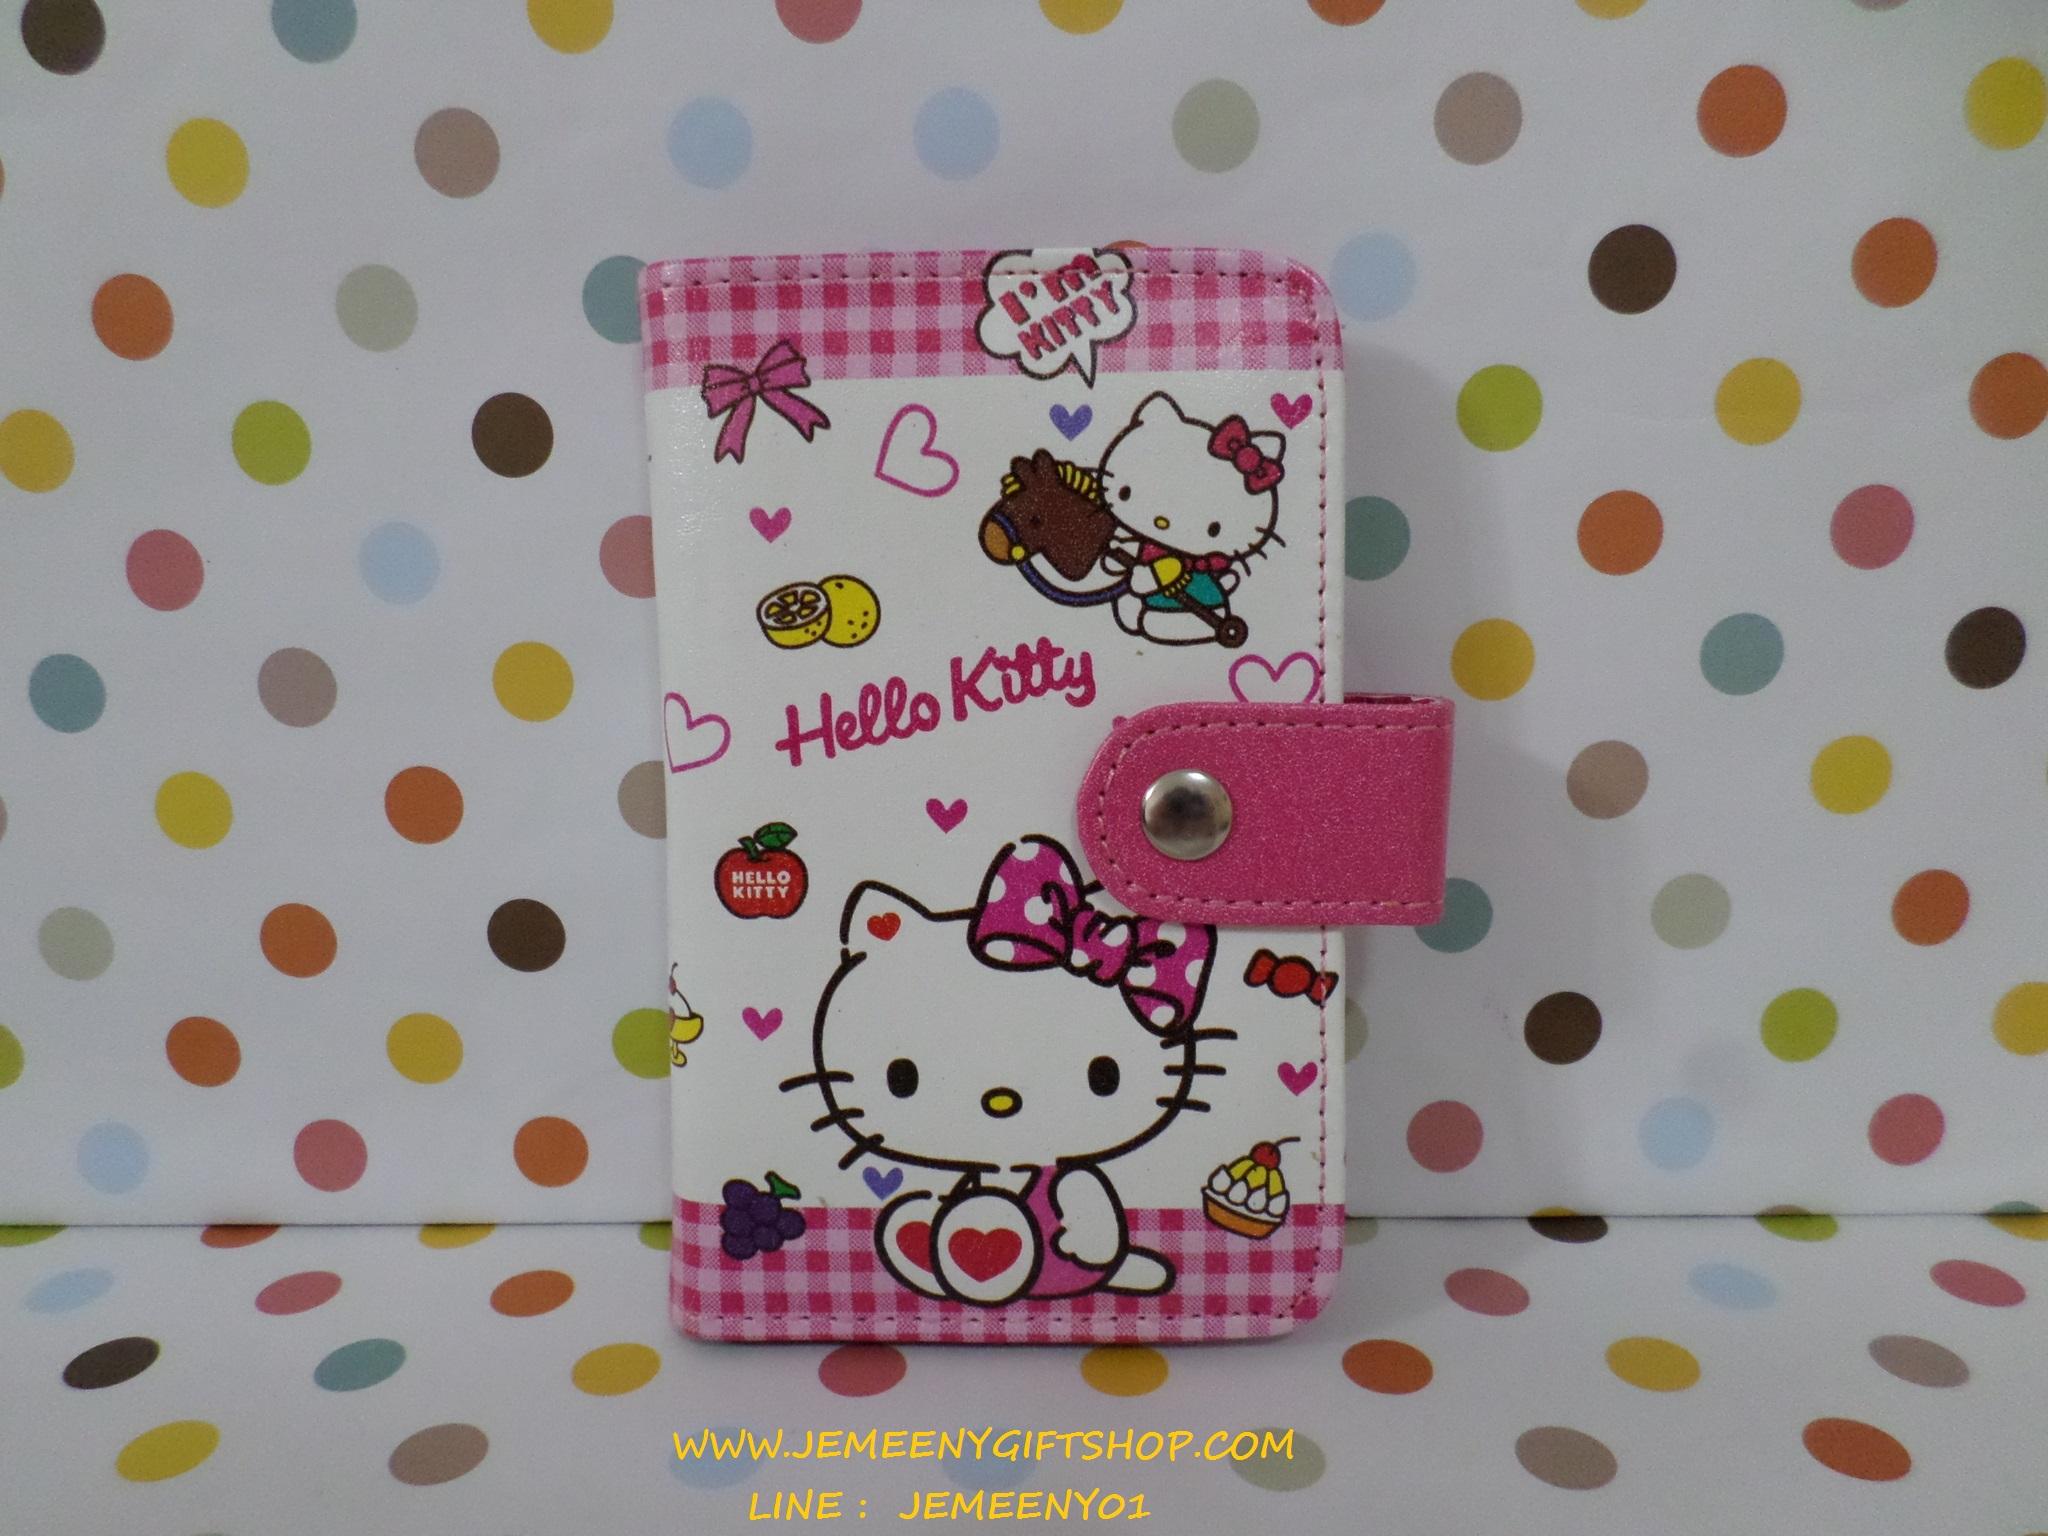 กระเป๋าใส่นามบัตร ฮัลโหลคิตตี้ Hello kitty#2 ขนาดยาว 8 ซม. * สูง 12 ซม. ลายคิตตี้โบว์ชมพูหัวใจ